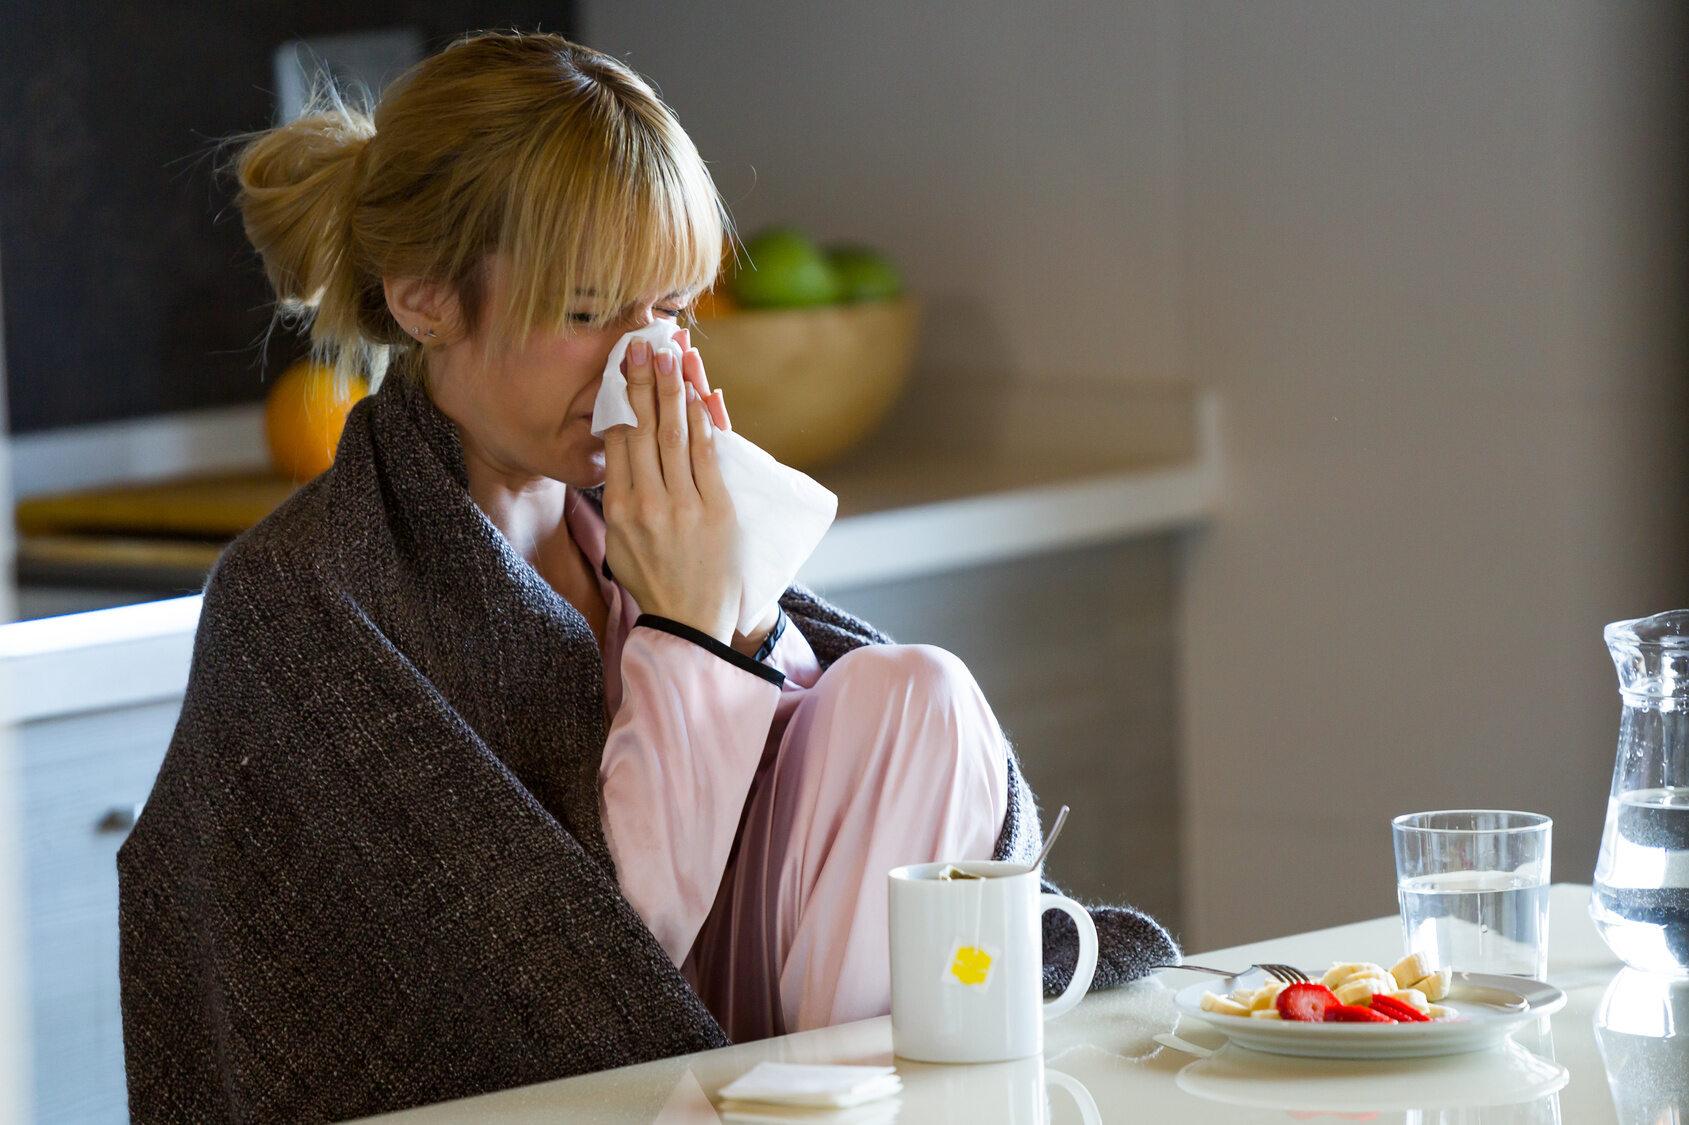 Alergia, przeziębienie, zdj. ilustracyjne